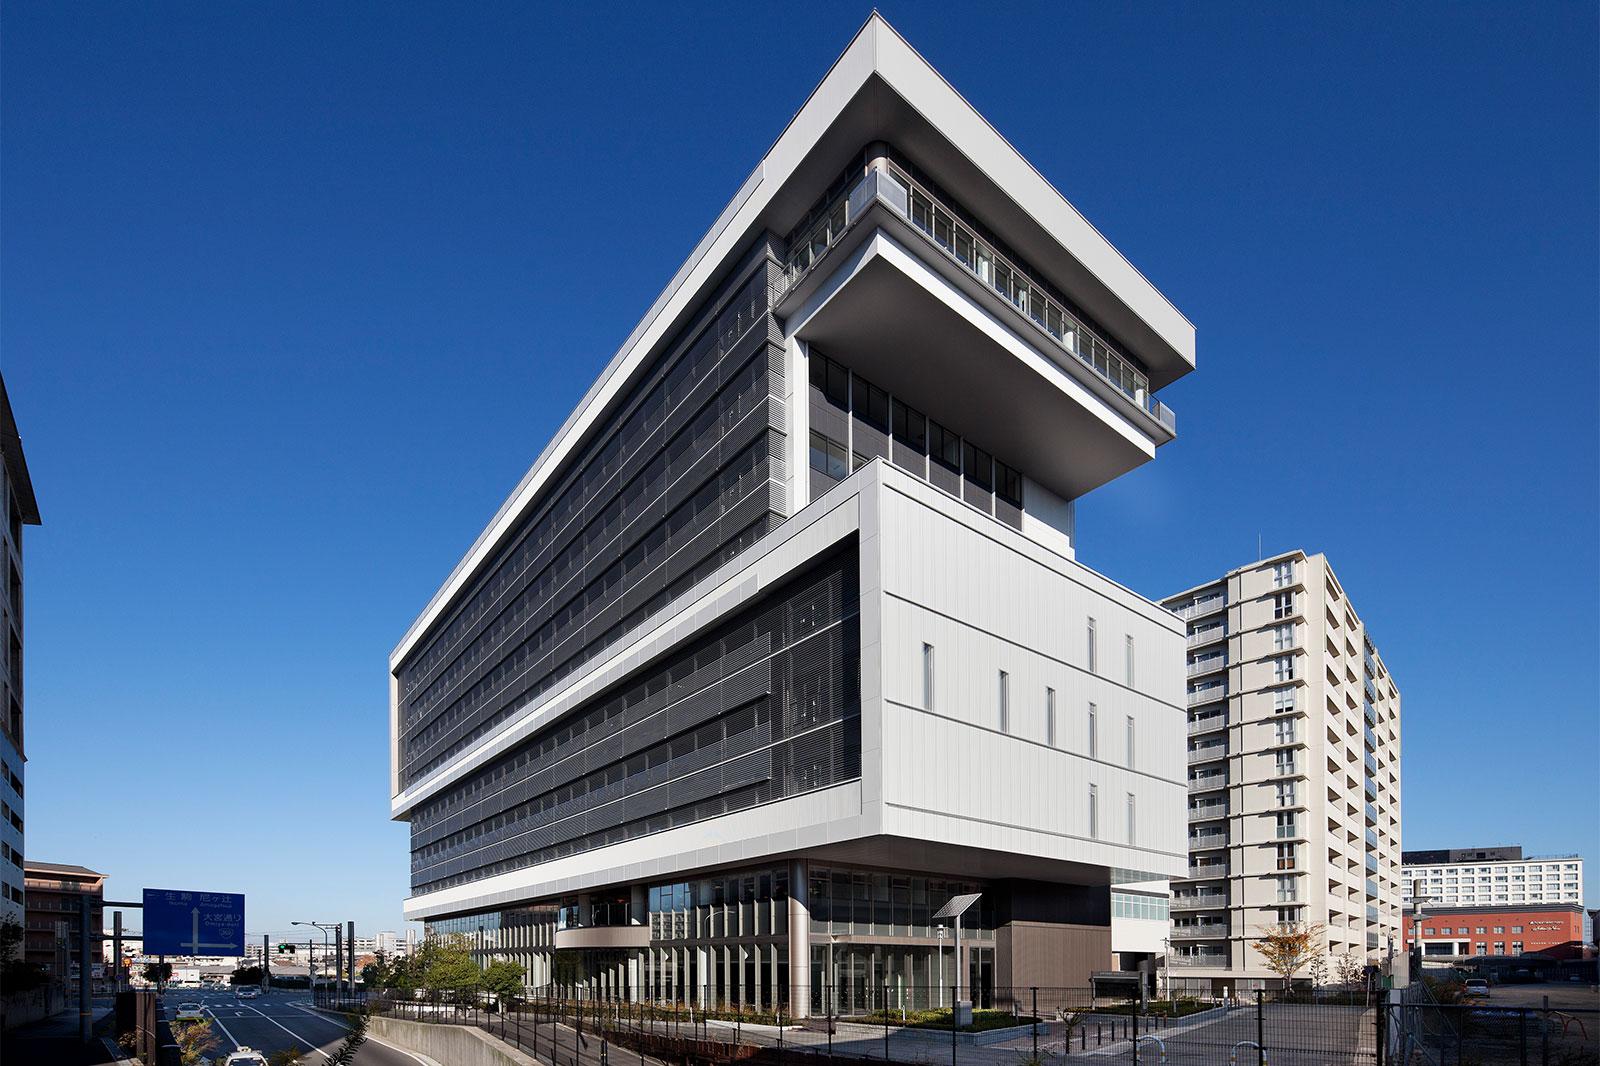 奈良市保健所・教育総合センター 「はぐくみセンター」